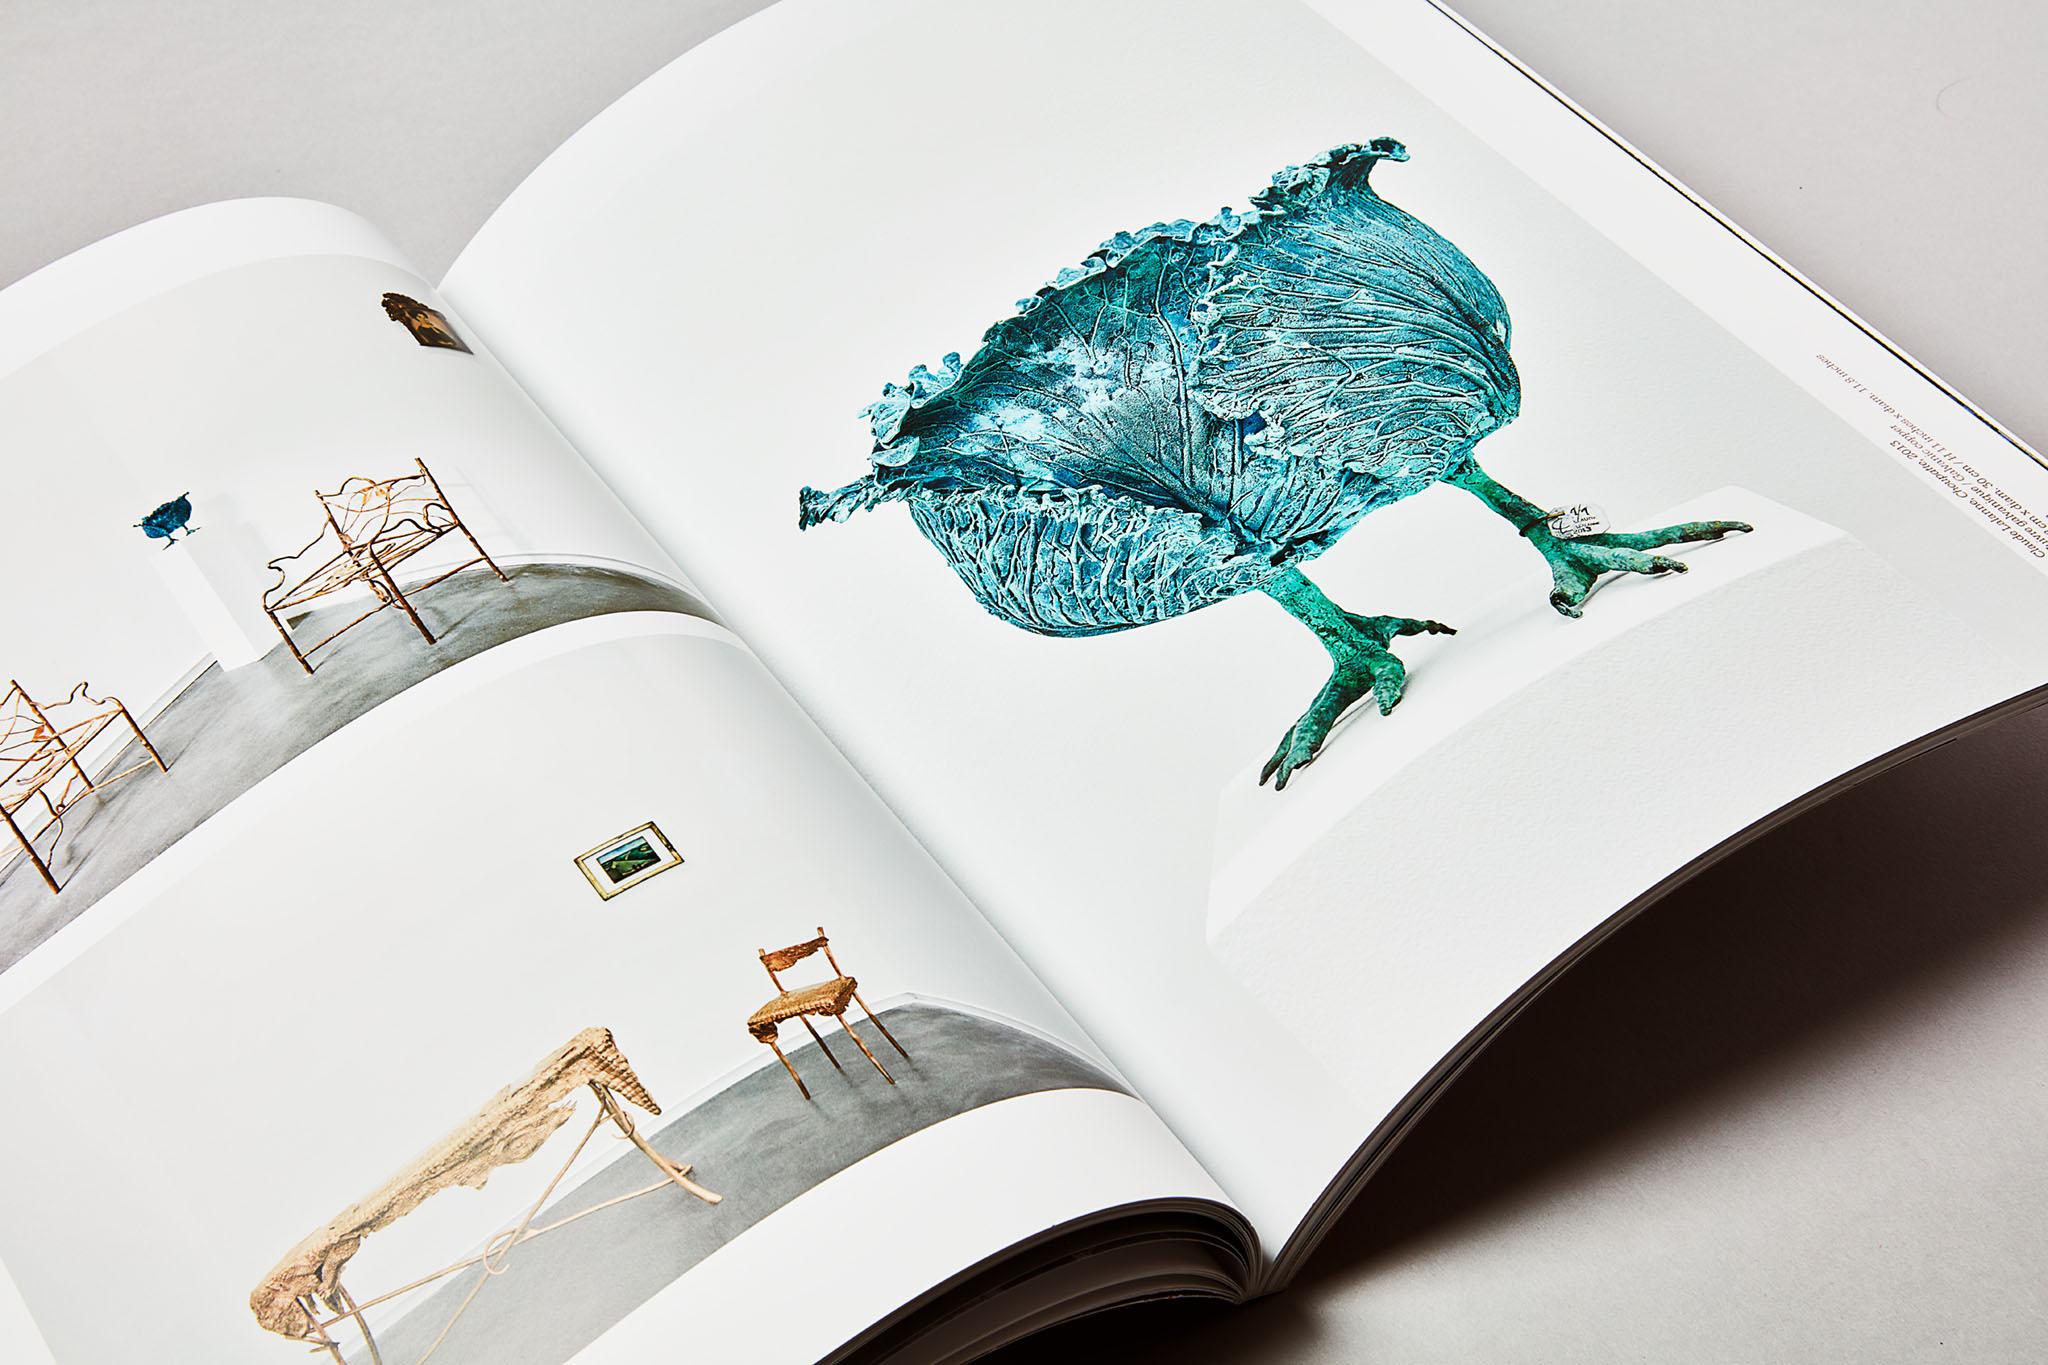 GALERIE MITTERRAND Catalogue Lalanne. Art contemporain Sculpture Claude Lalanne François-Xavier Lalanne Tête de Choux